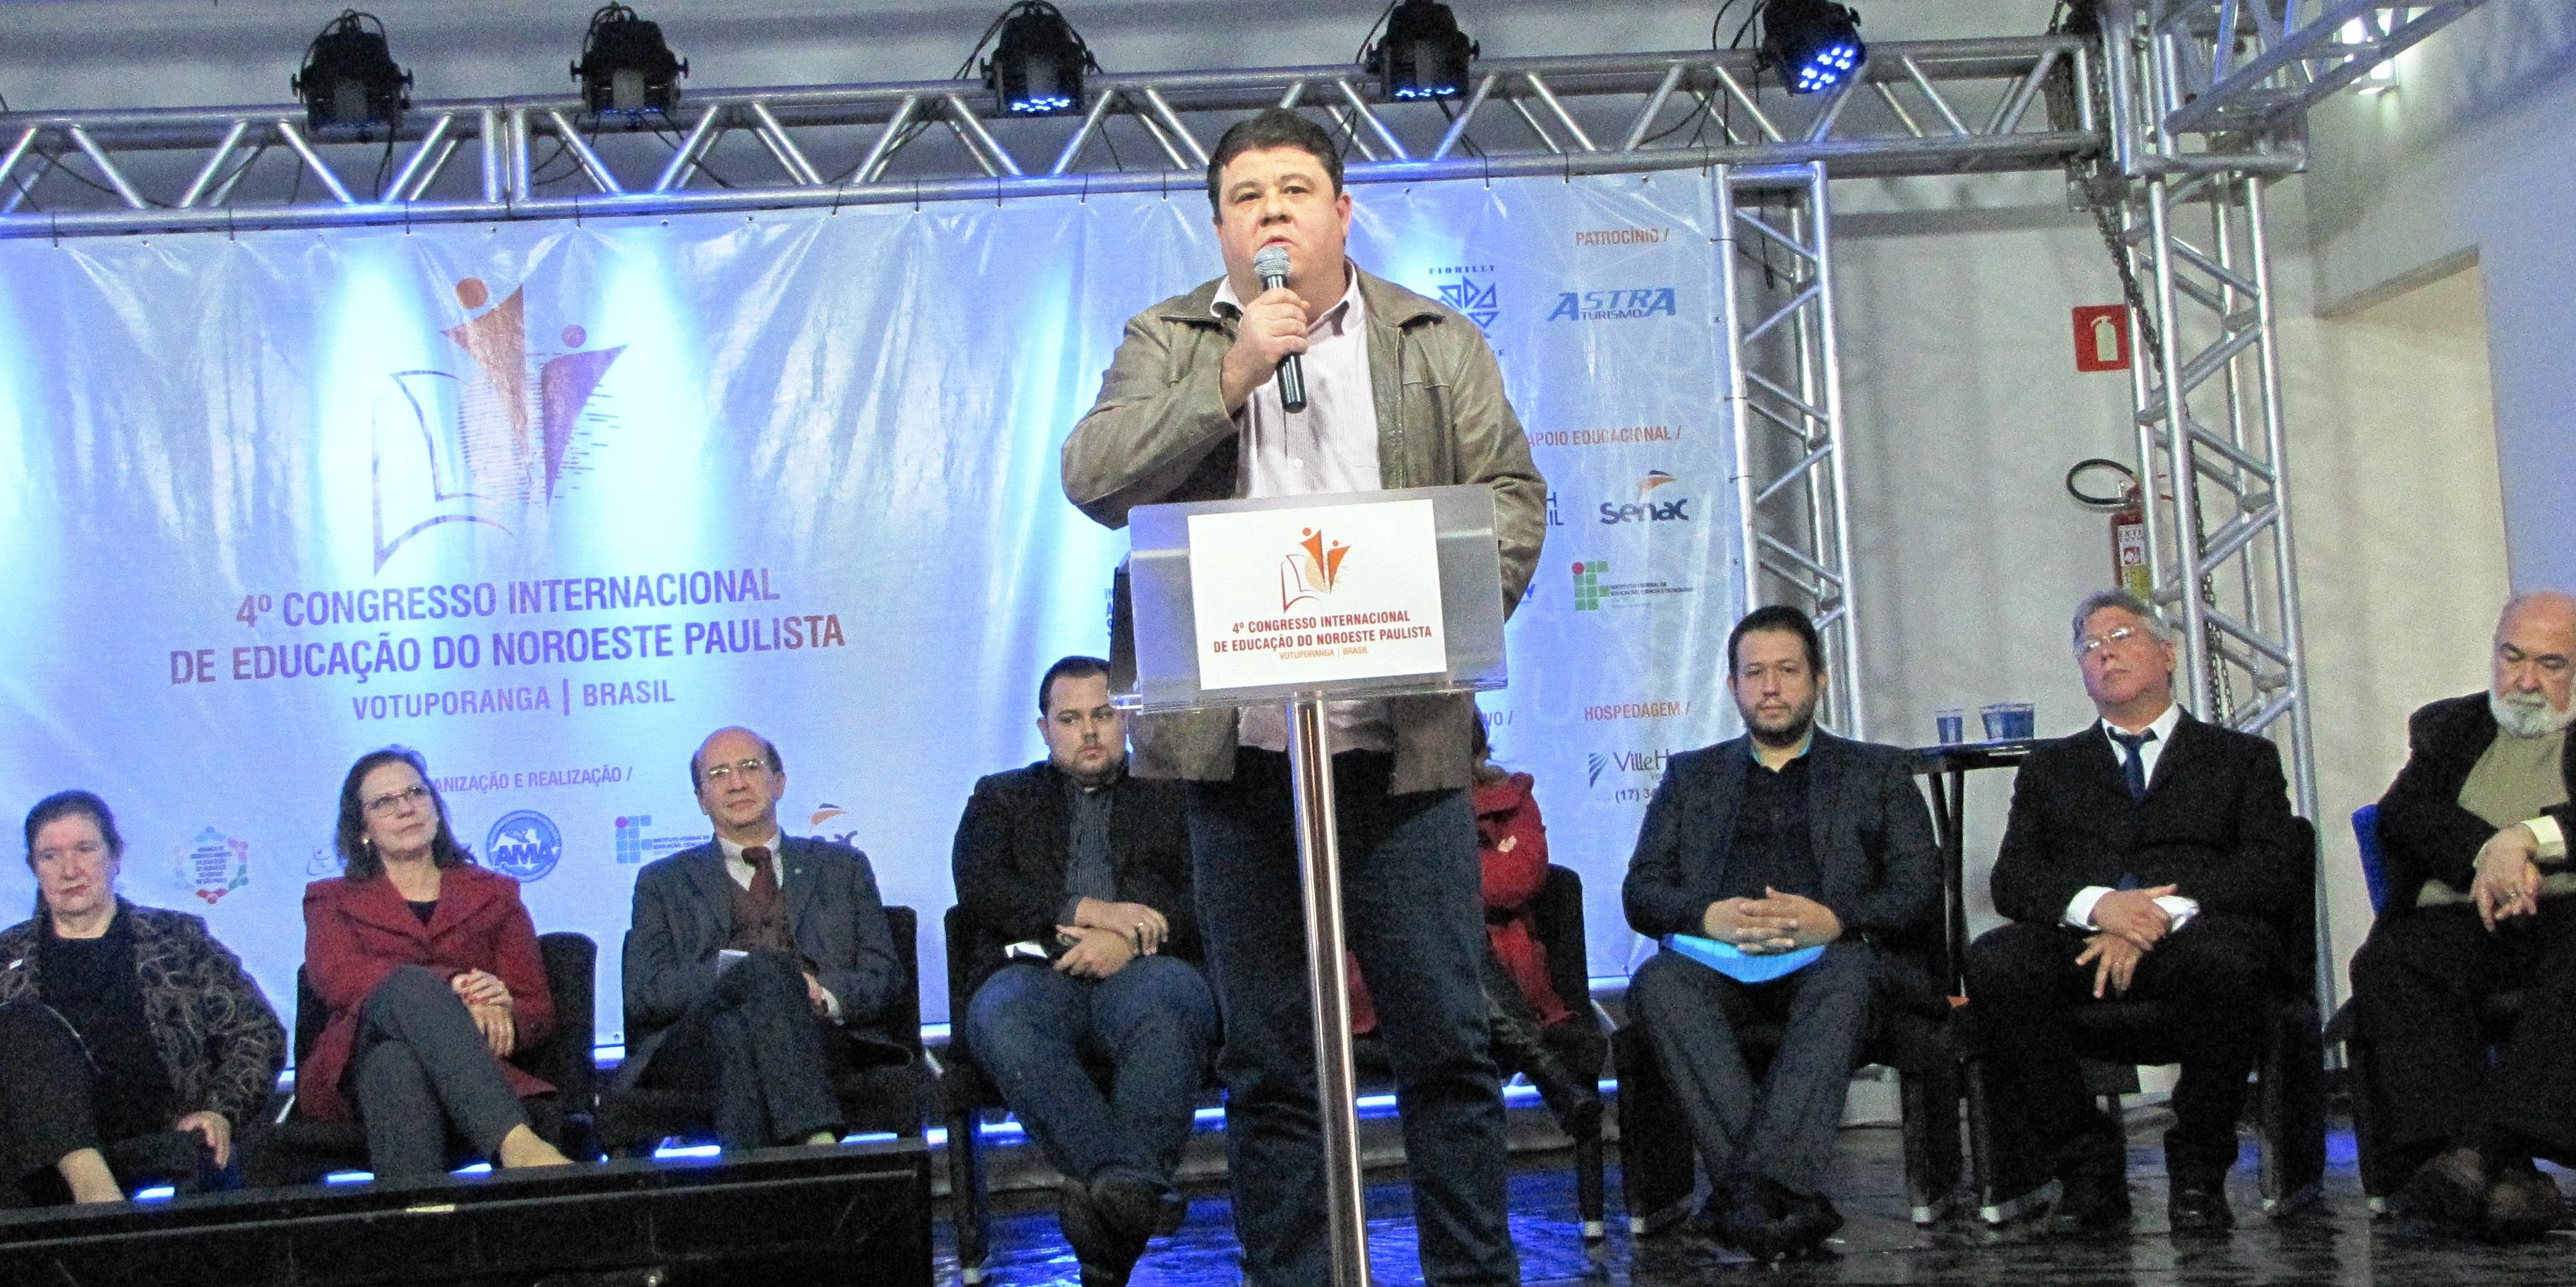 AMA DESTACA A IMPORTÂNCIA DO 4º CONGRESSO INTERNACIONAL DE EDUCAÇÃO